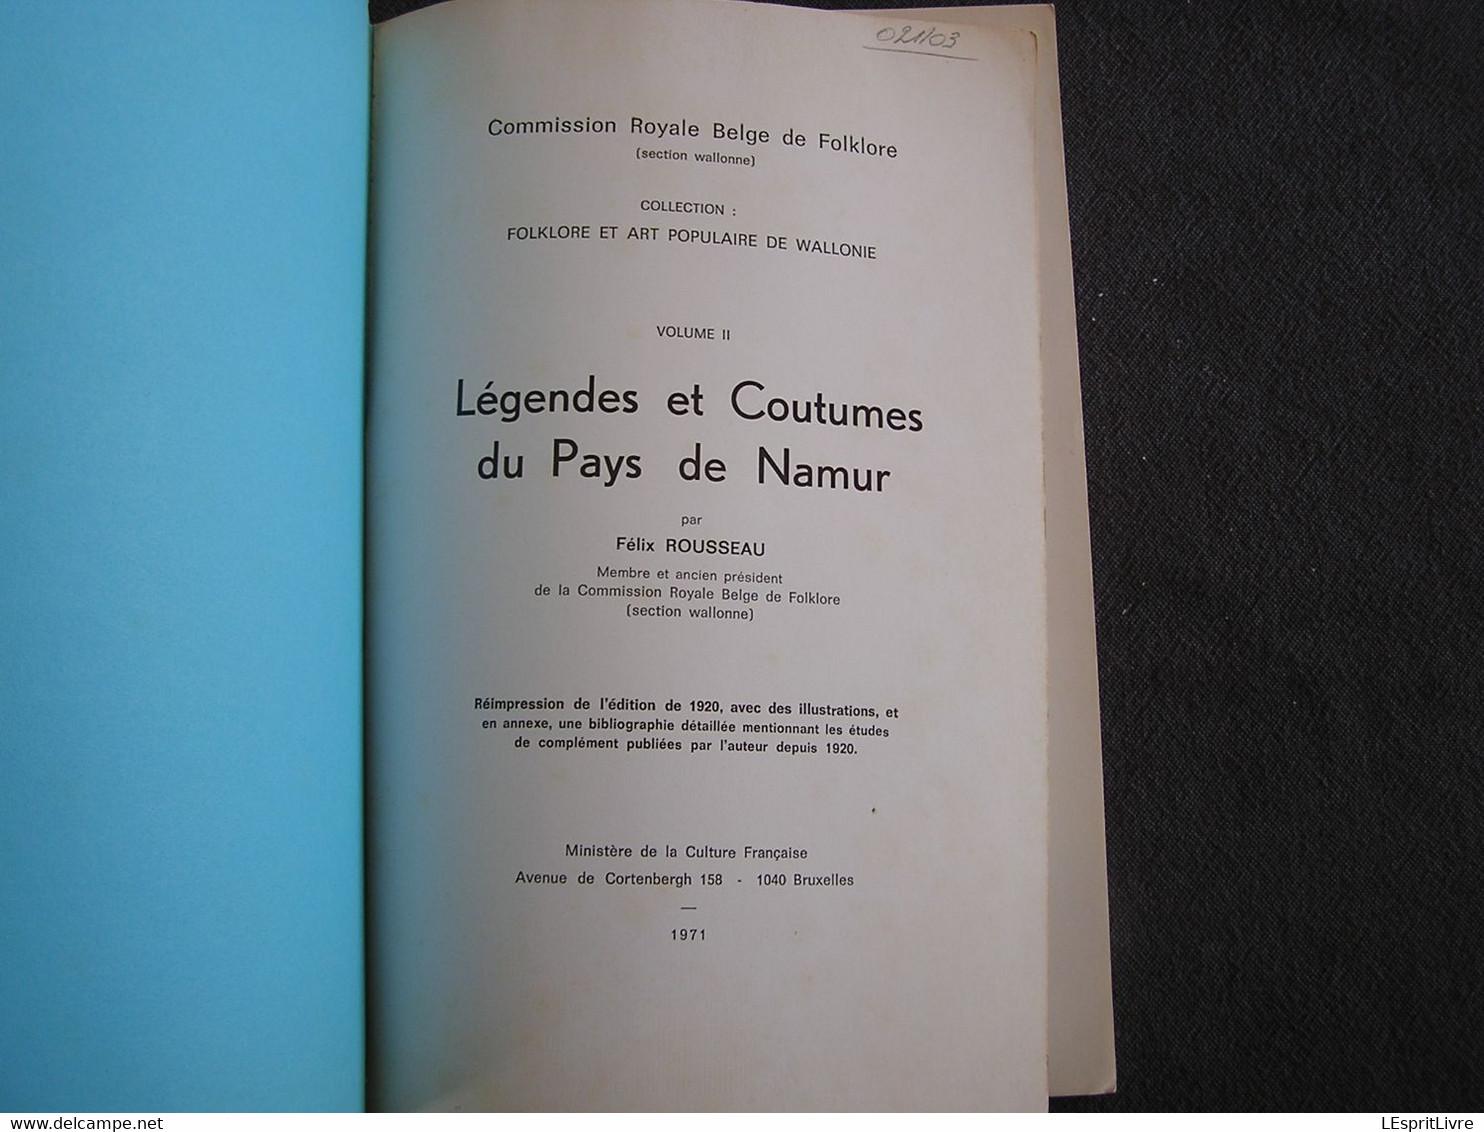 LEGENDES ET COUTUMES DU PAYS DE NAMUR 2 Régionalisme Folklore Légende Anhée Bohan Fées Fagnolle Aymon Velaine Senenne - Bélgica